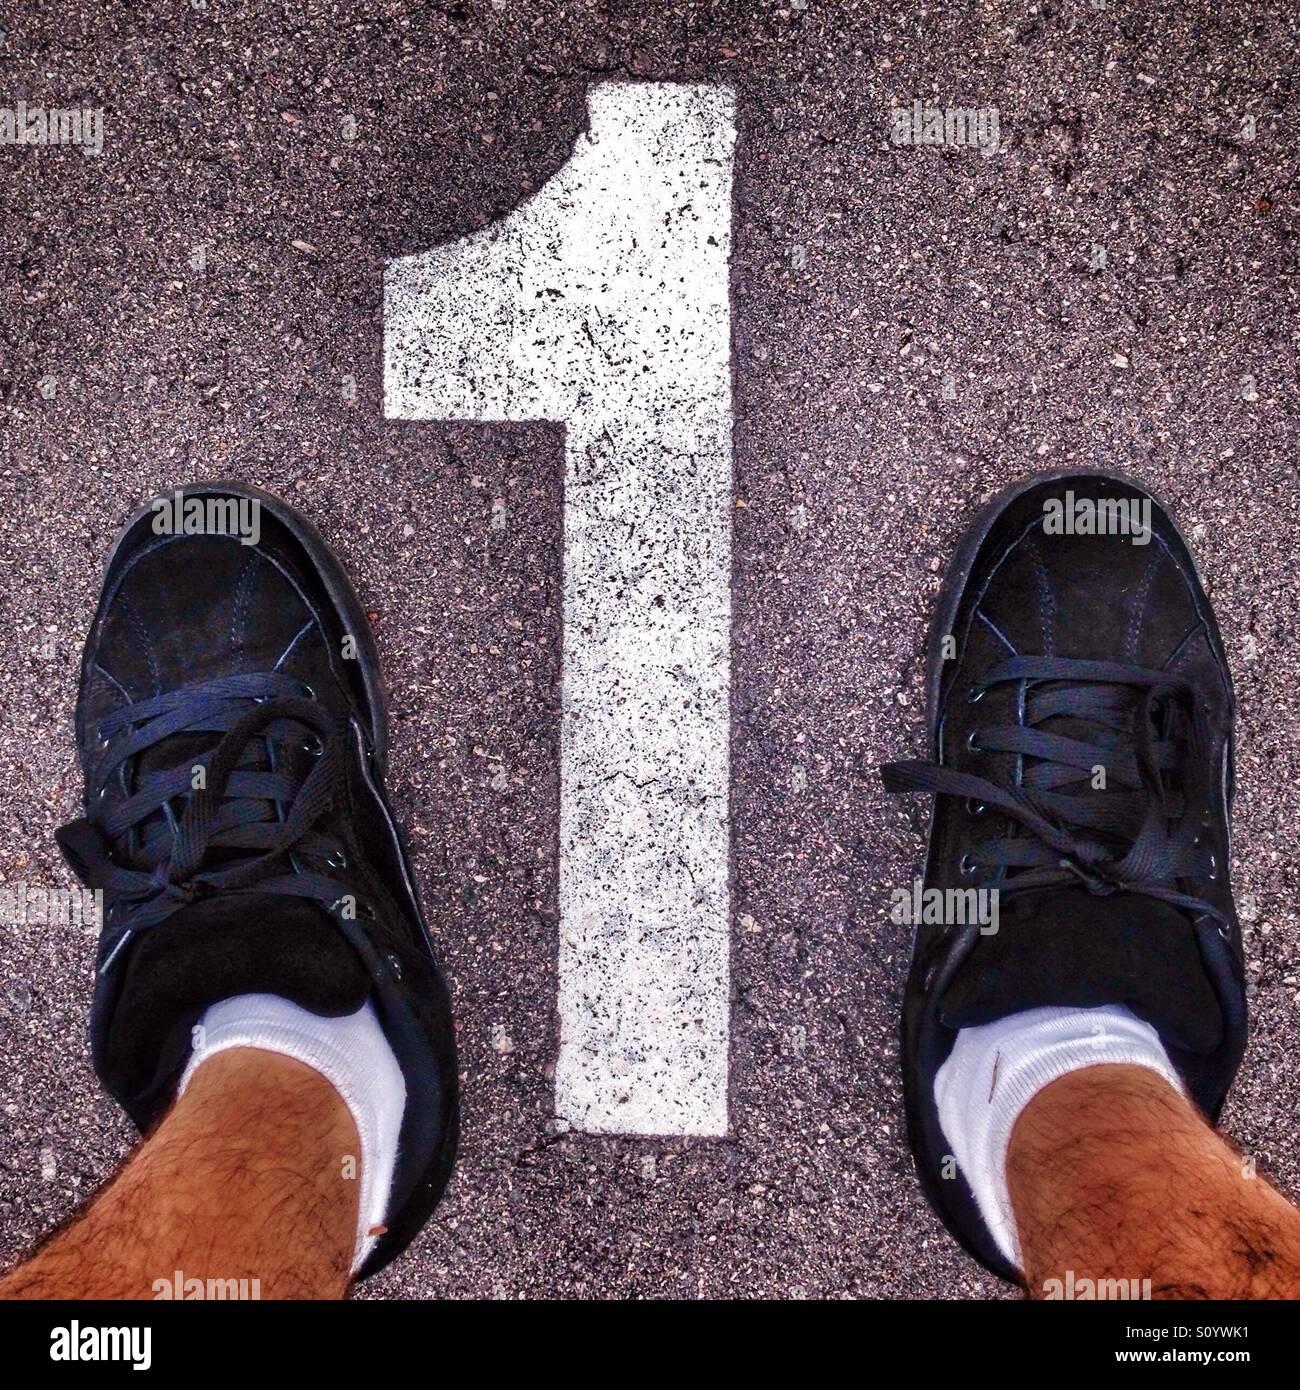 El hombre los pies cerca del número 1 en un parking. Imagen De Stock